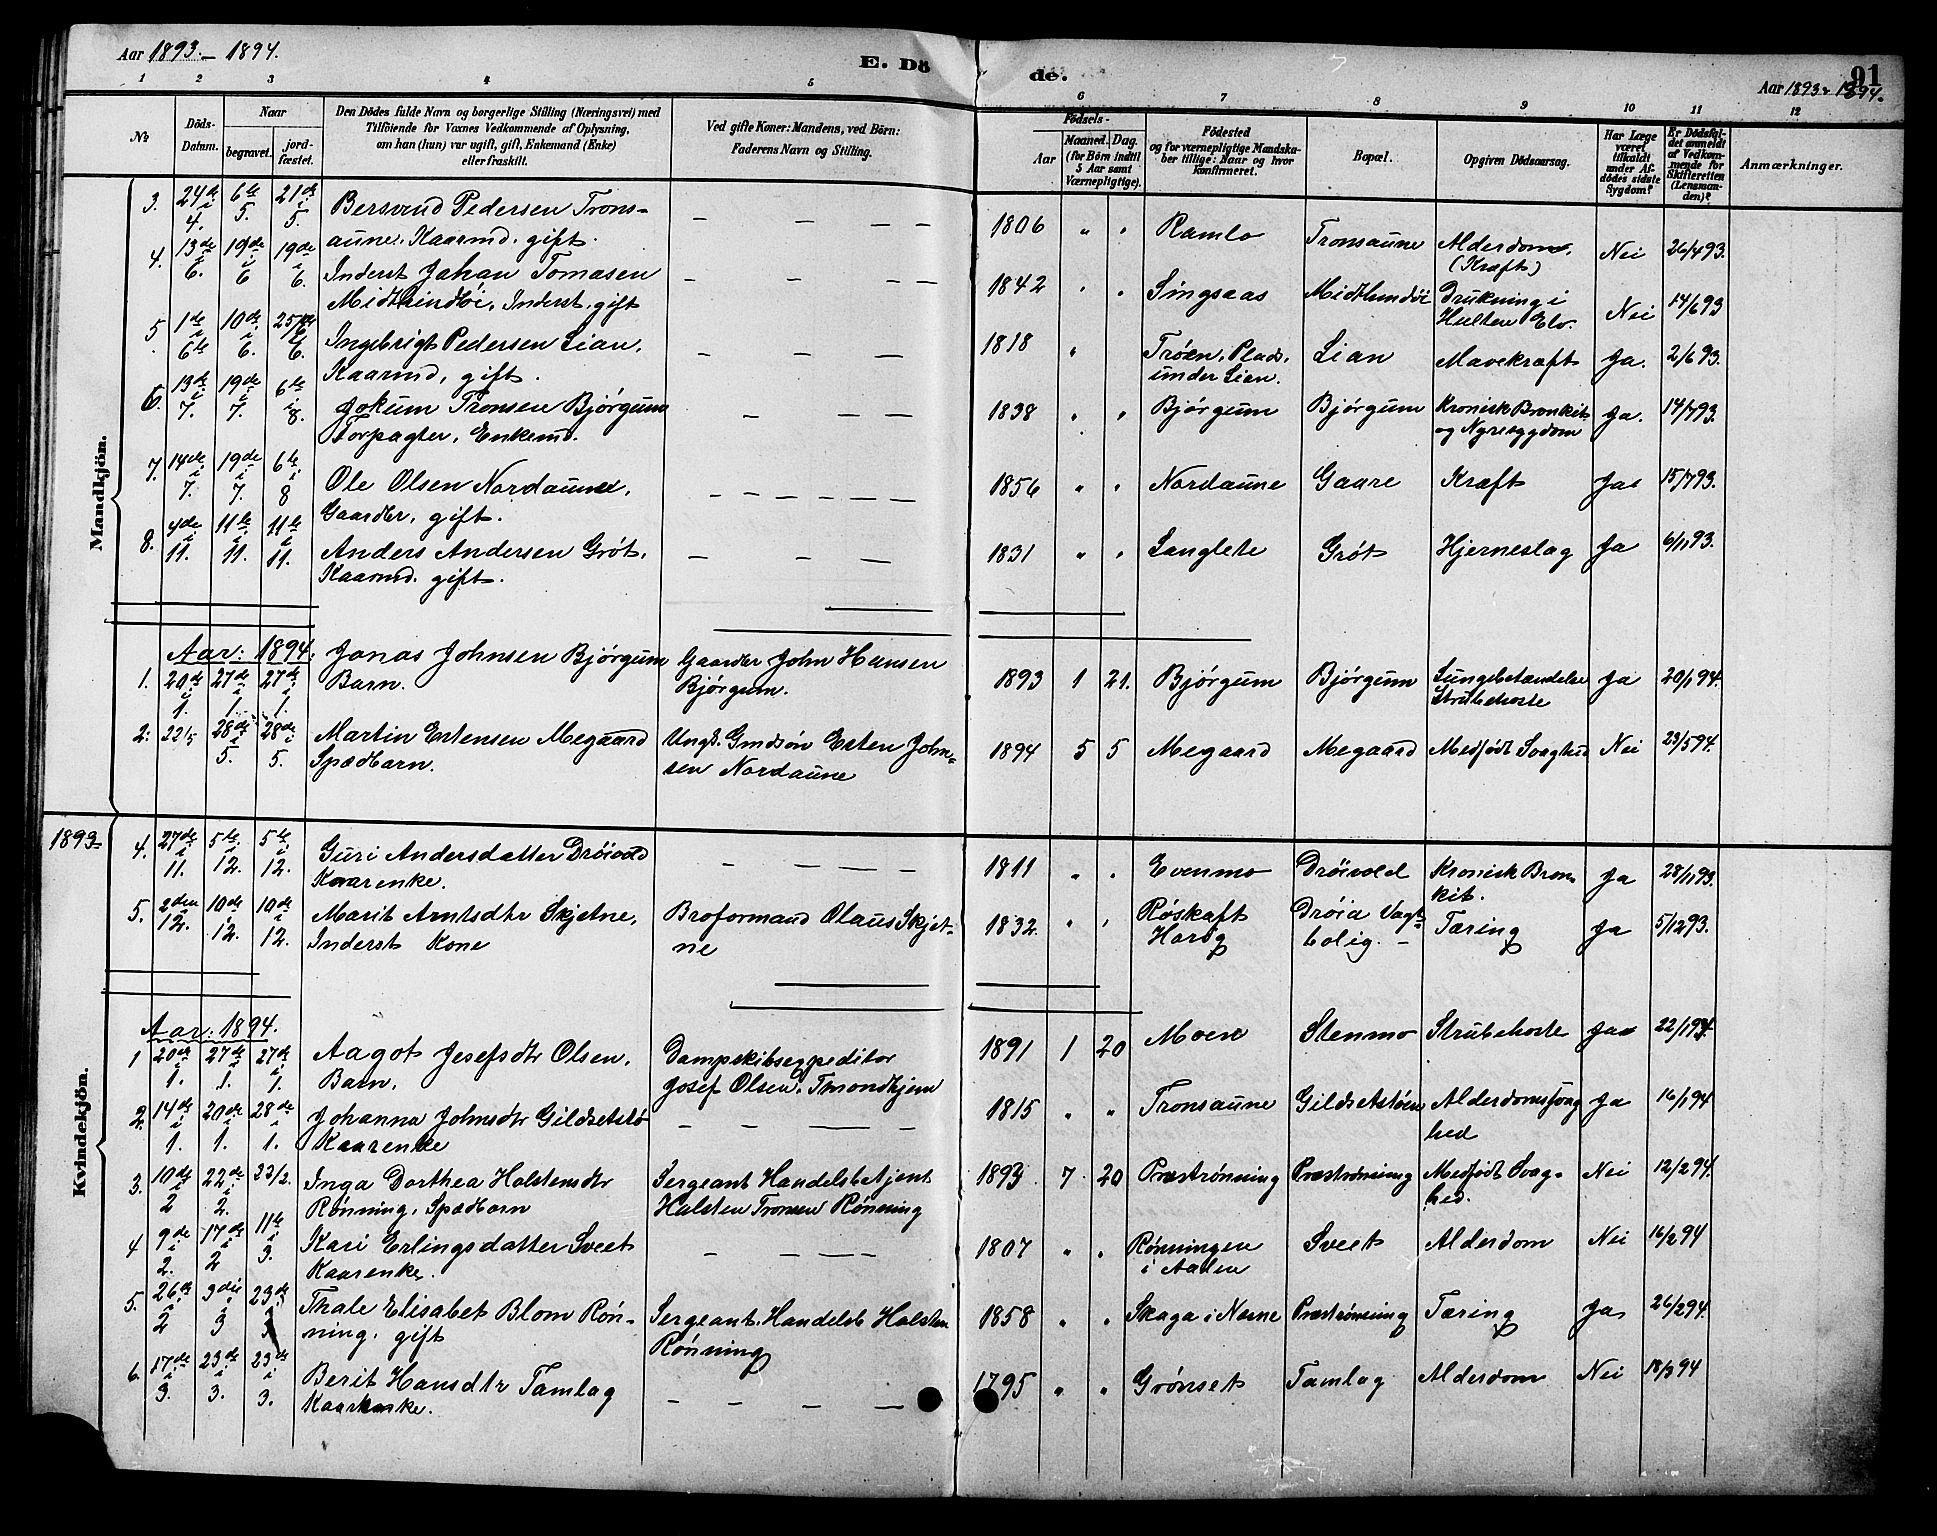 SAT, Ministerialprotokoller, klokkerbøker og fødselsregistre - Sør-Trøndelag, 685/L0978: Klokkerbok nr. 685C03, 1891-1907, s. 91